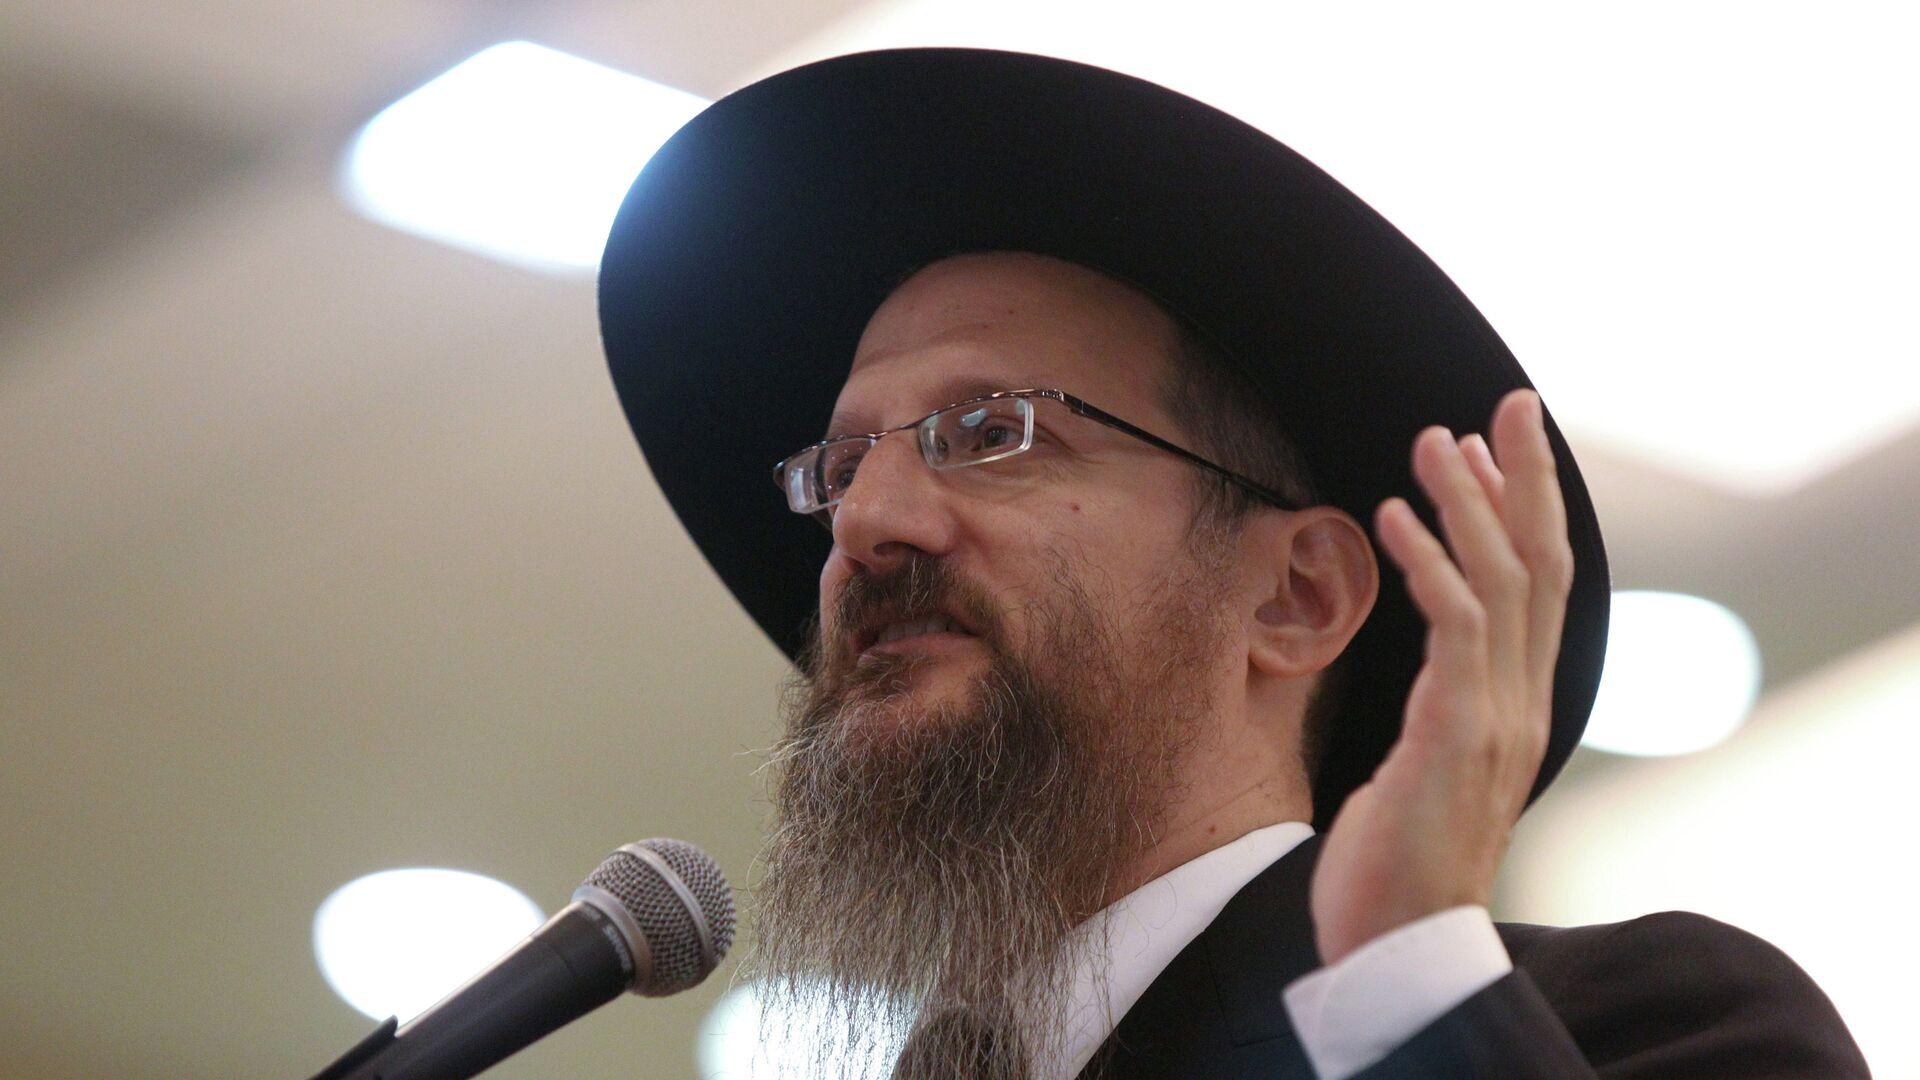 Празднование еврейского Нового года Рош Ха-Шана - РИА Новости, 1920, 03.08.2021